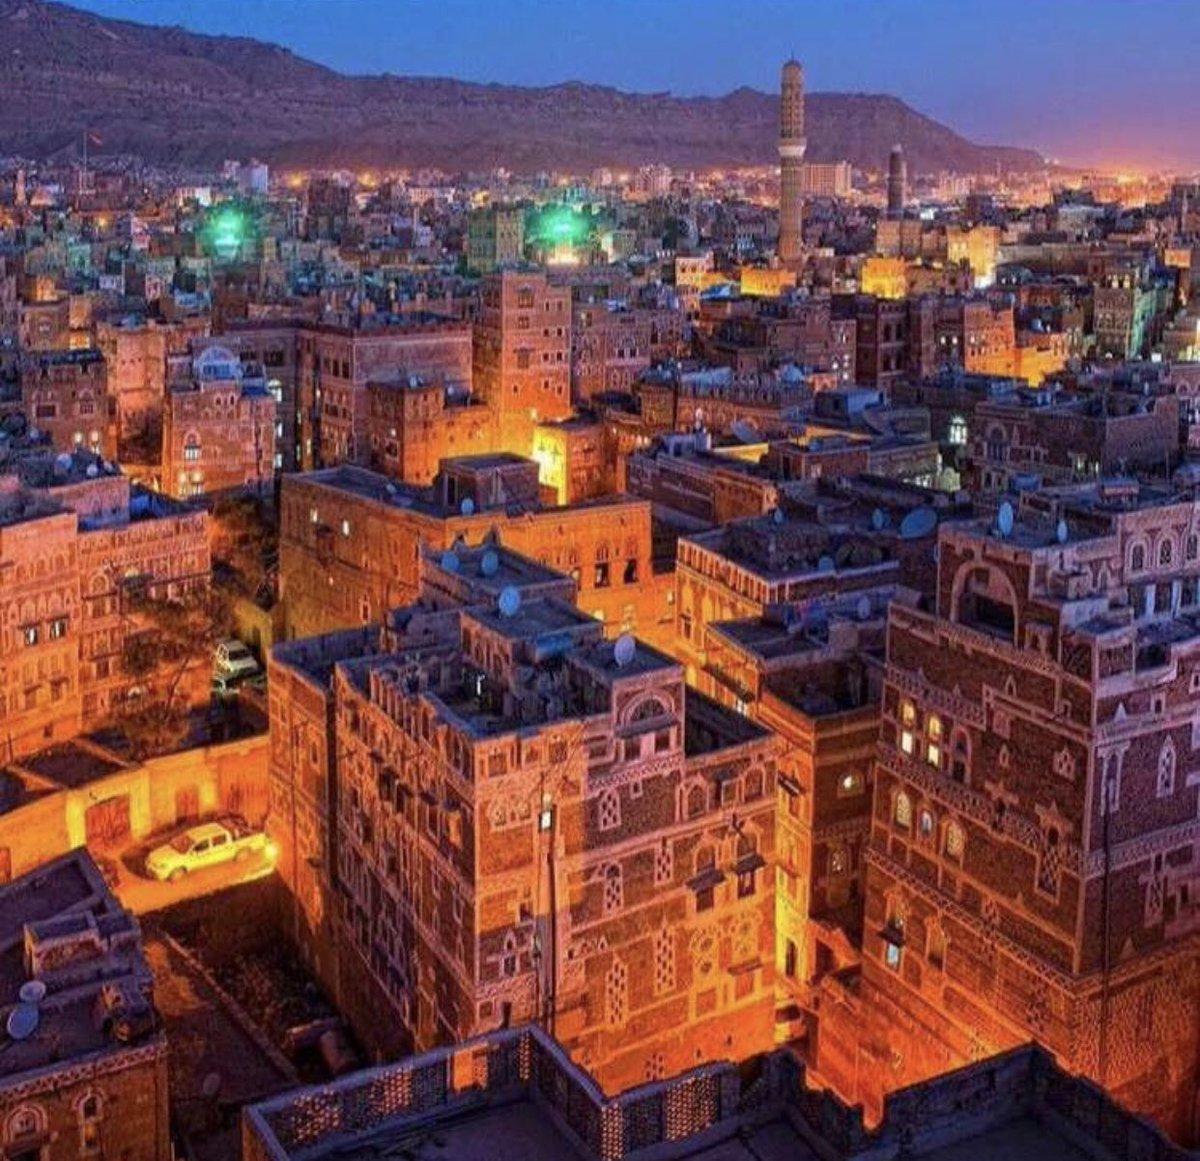 Yemen before                  Yemen now https://t.co/wnb4MbozTq